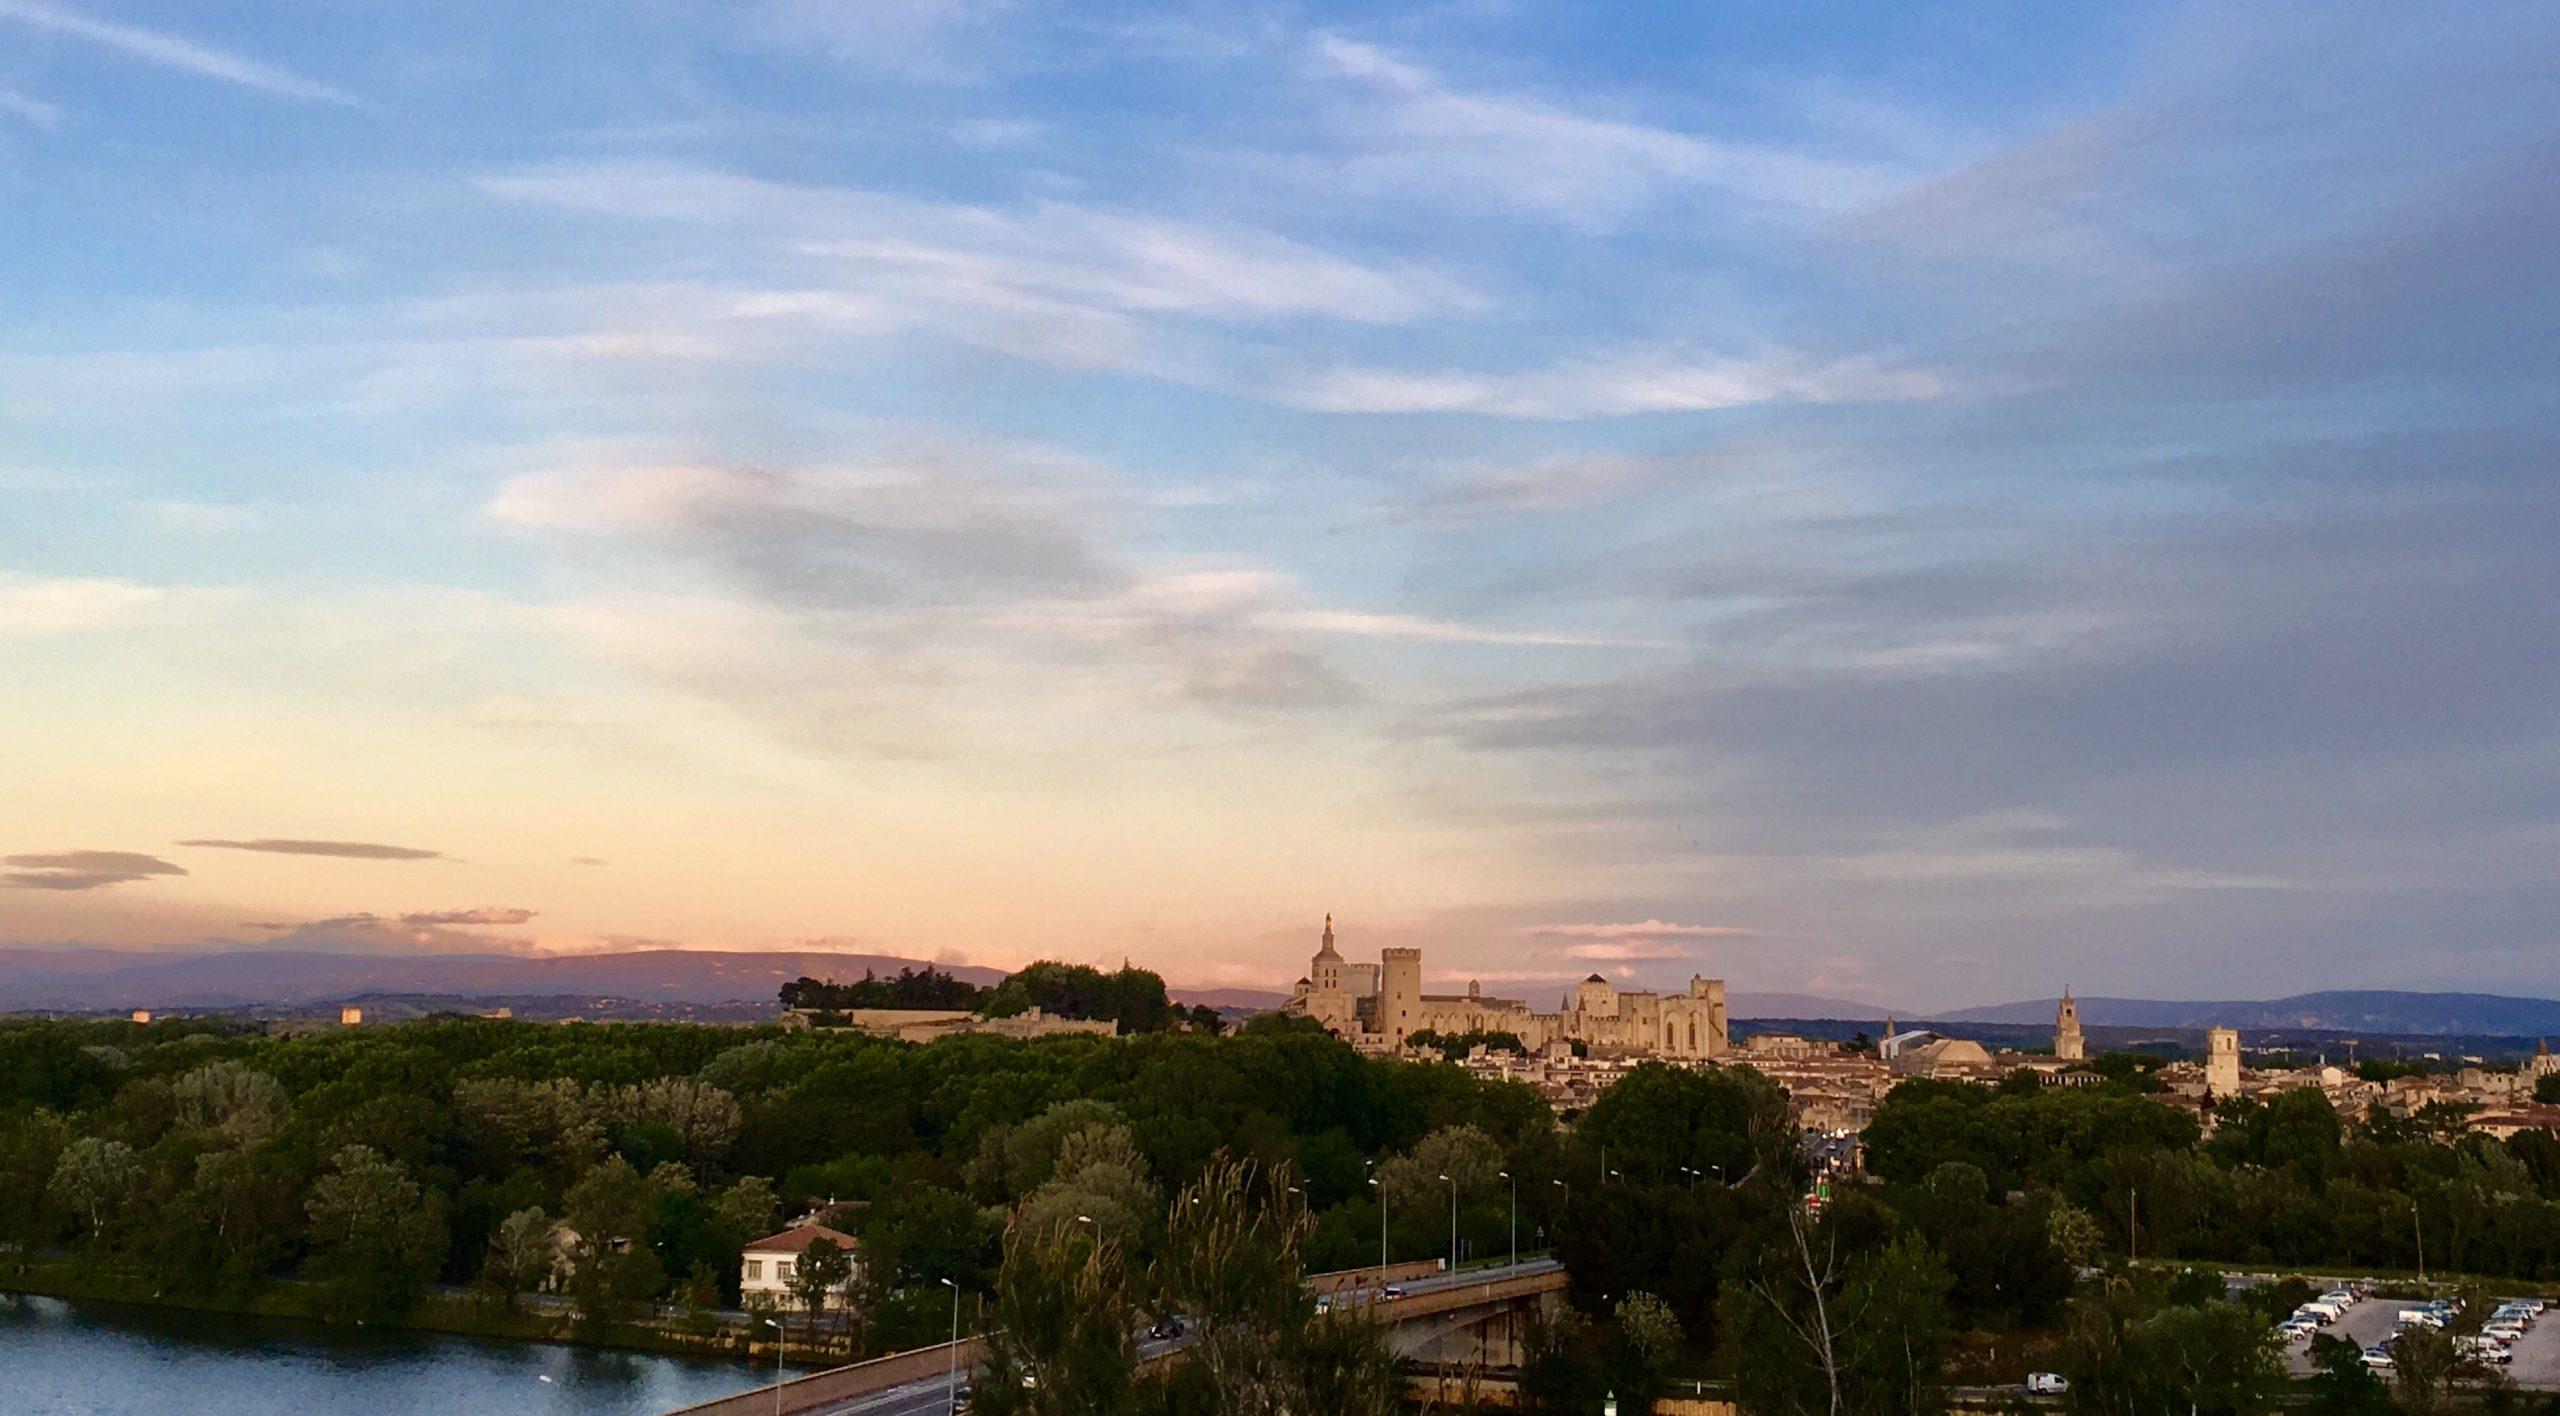 A Moment in Avignon